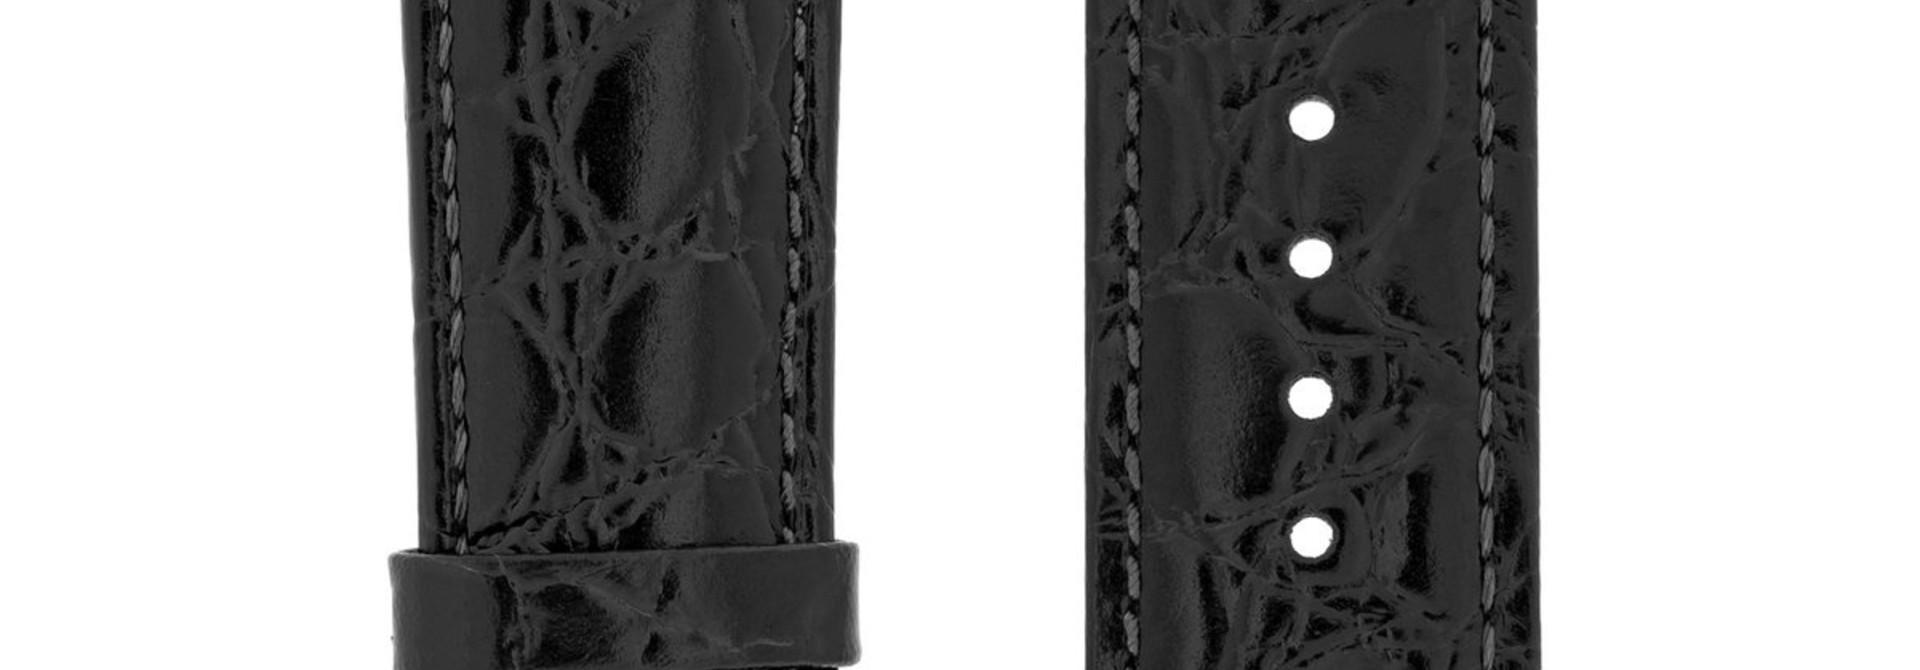 Horlogebandje Crocograin Kalfsleer 17 mm